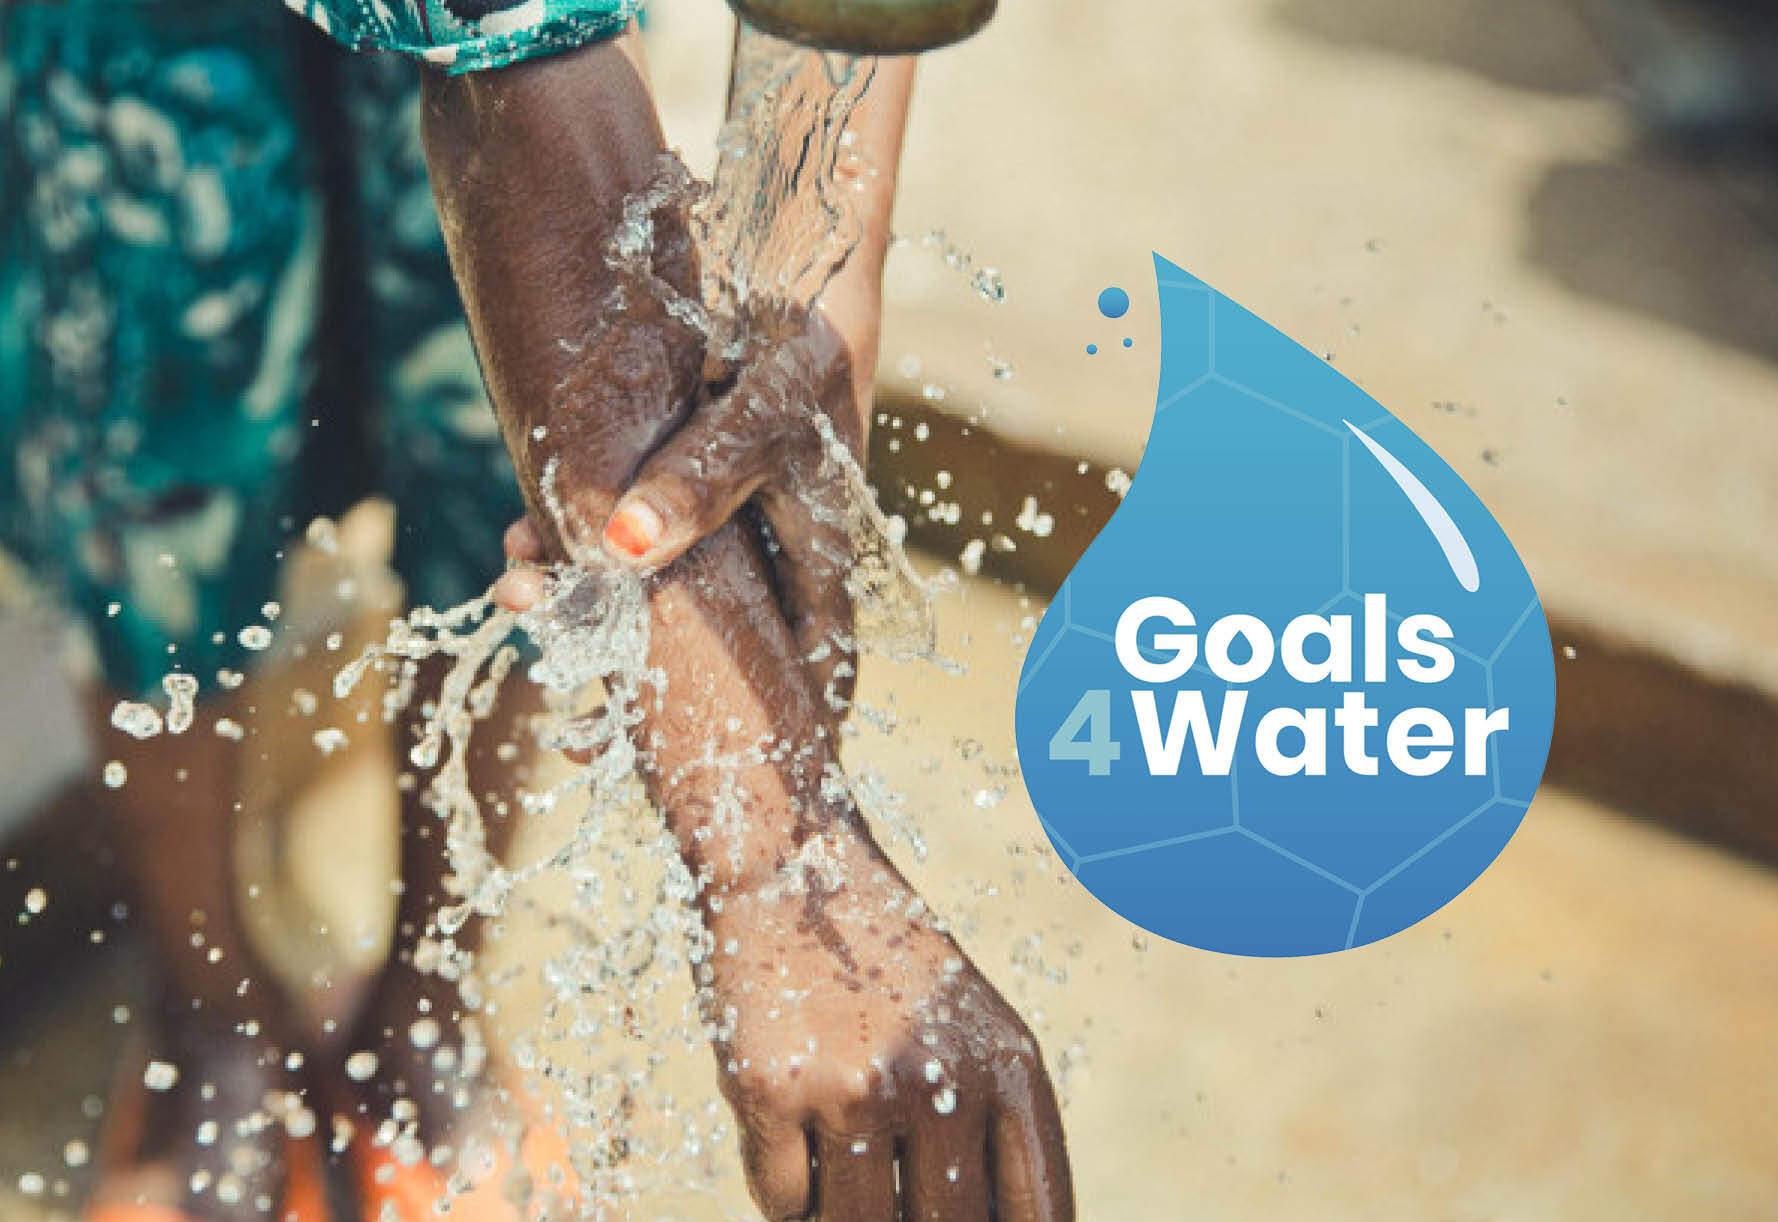 Goals 4 Water